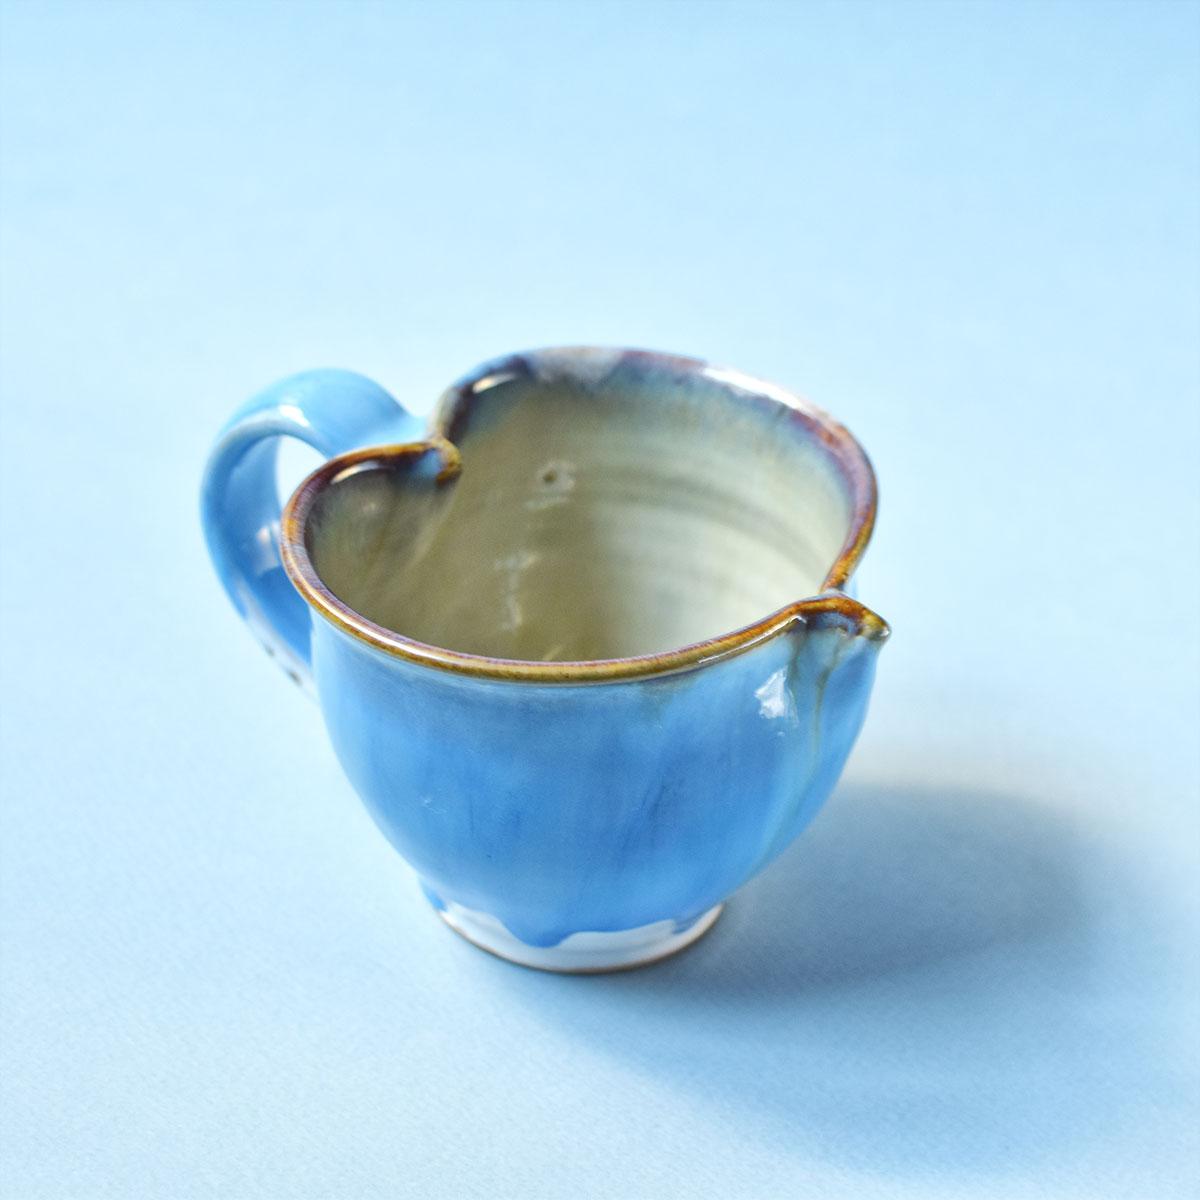 картинка Чашка в форме сердца в сине-голубых оттенках - DishWishes.Ru